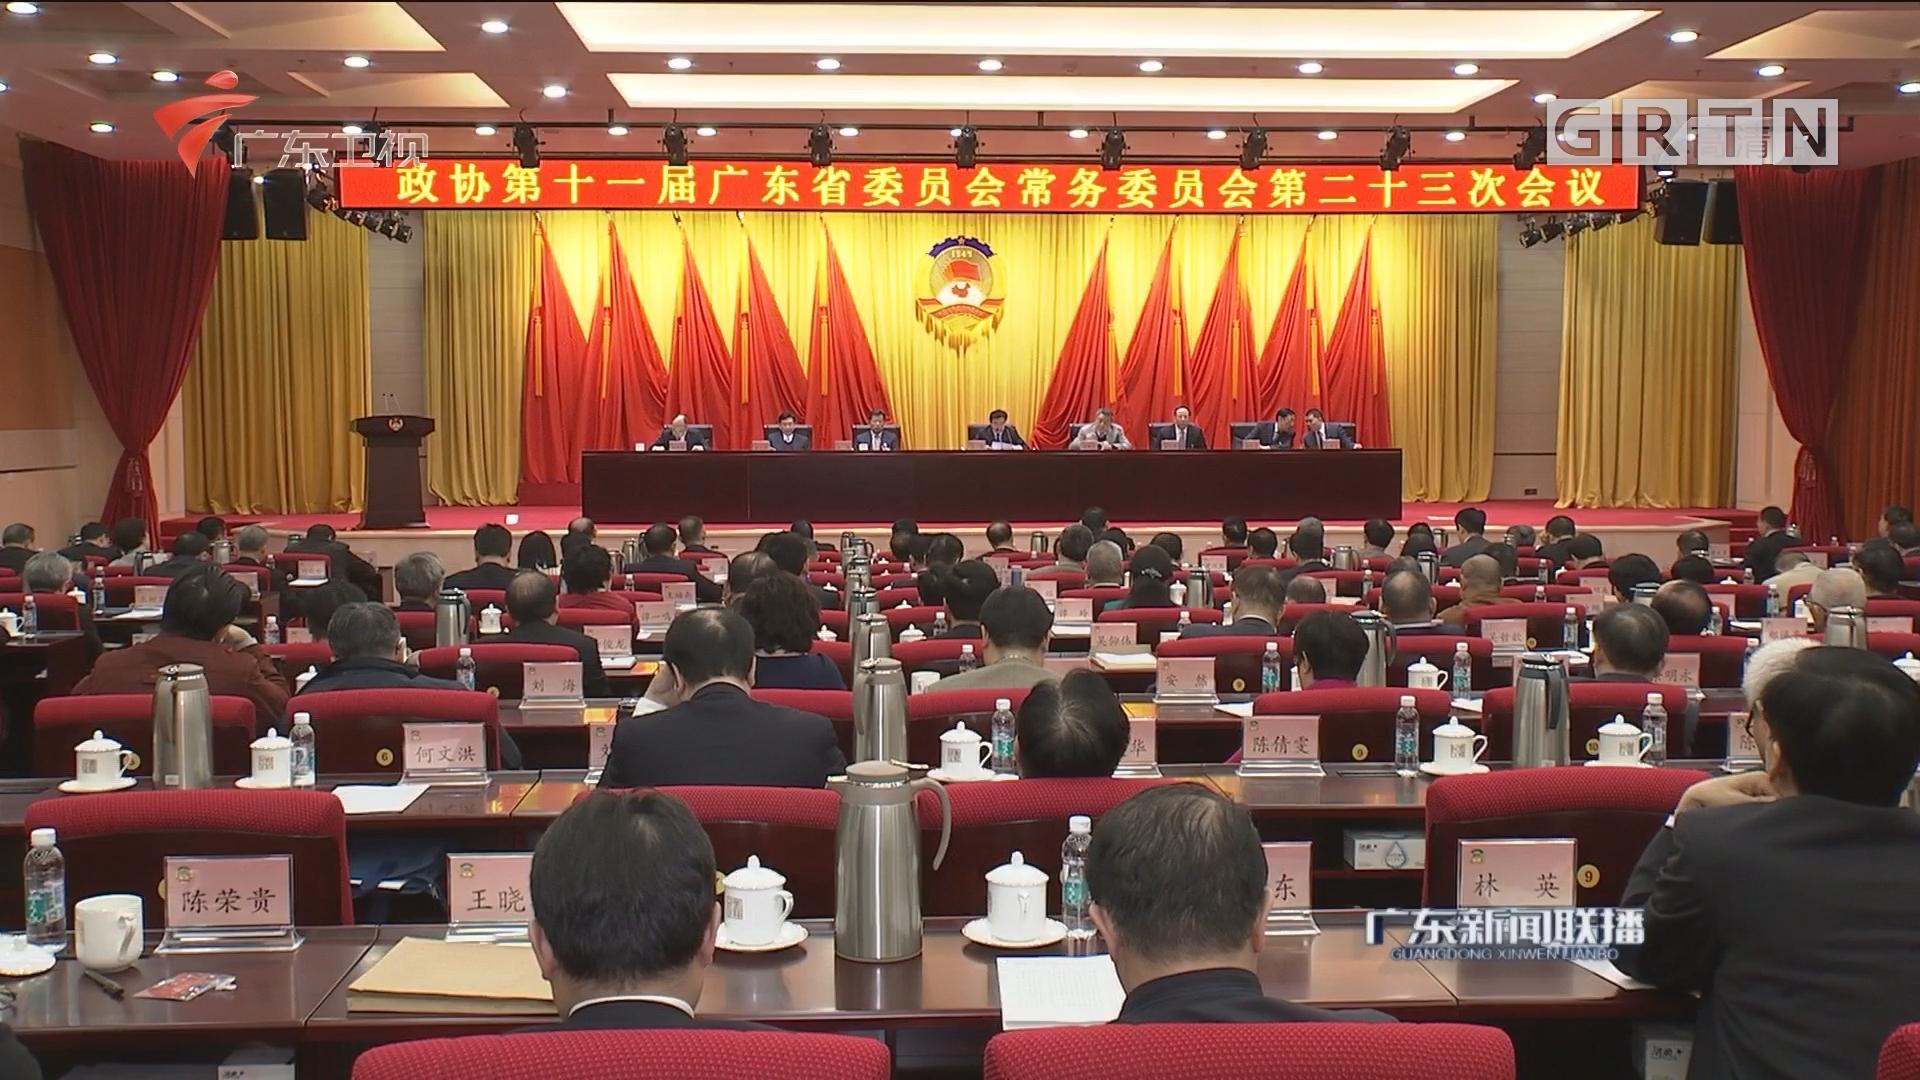 省政协第十一届二十三次常委会议闭幕 决定明年1月23日召开省政协十二届一次会议